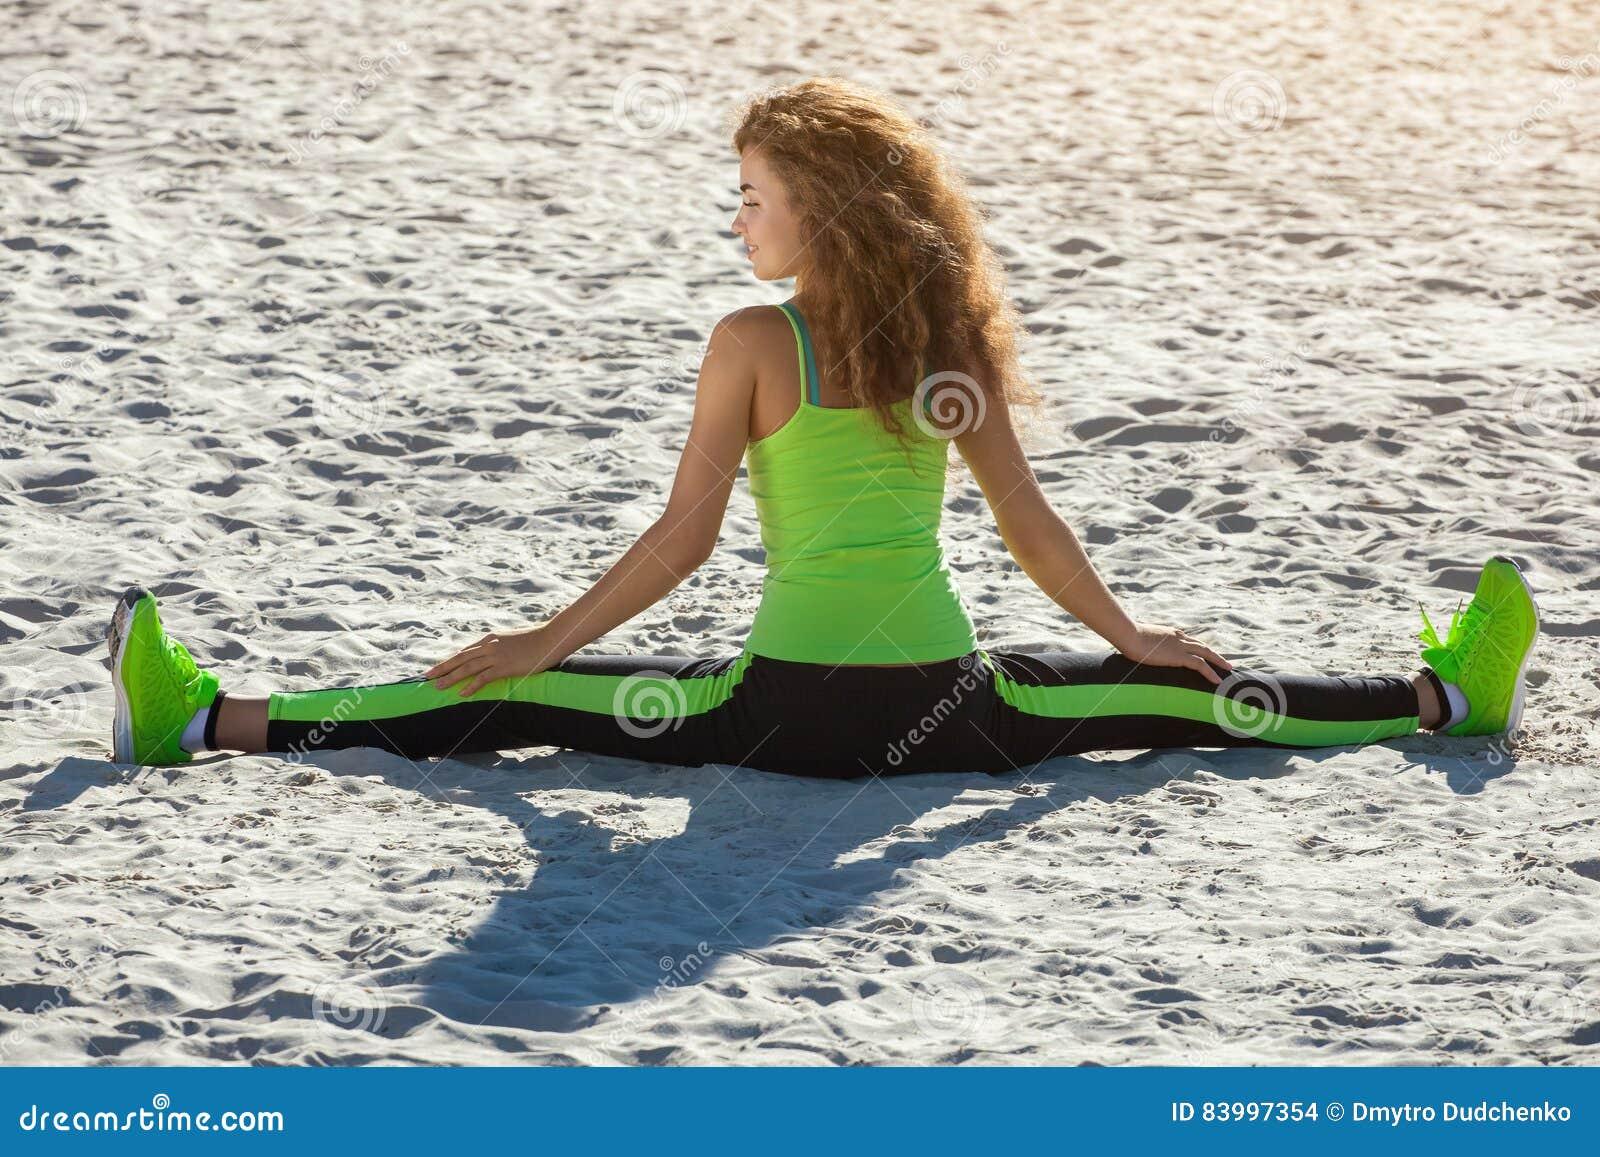 Giovani atleti - ginnasta con capelli ricci, il vestito verde chiaro e le scarpe da tennis facenti le spaccature sulla spiaggia d